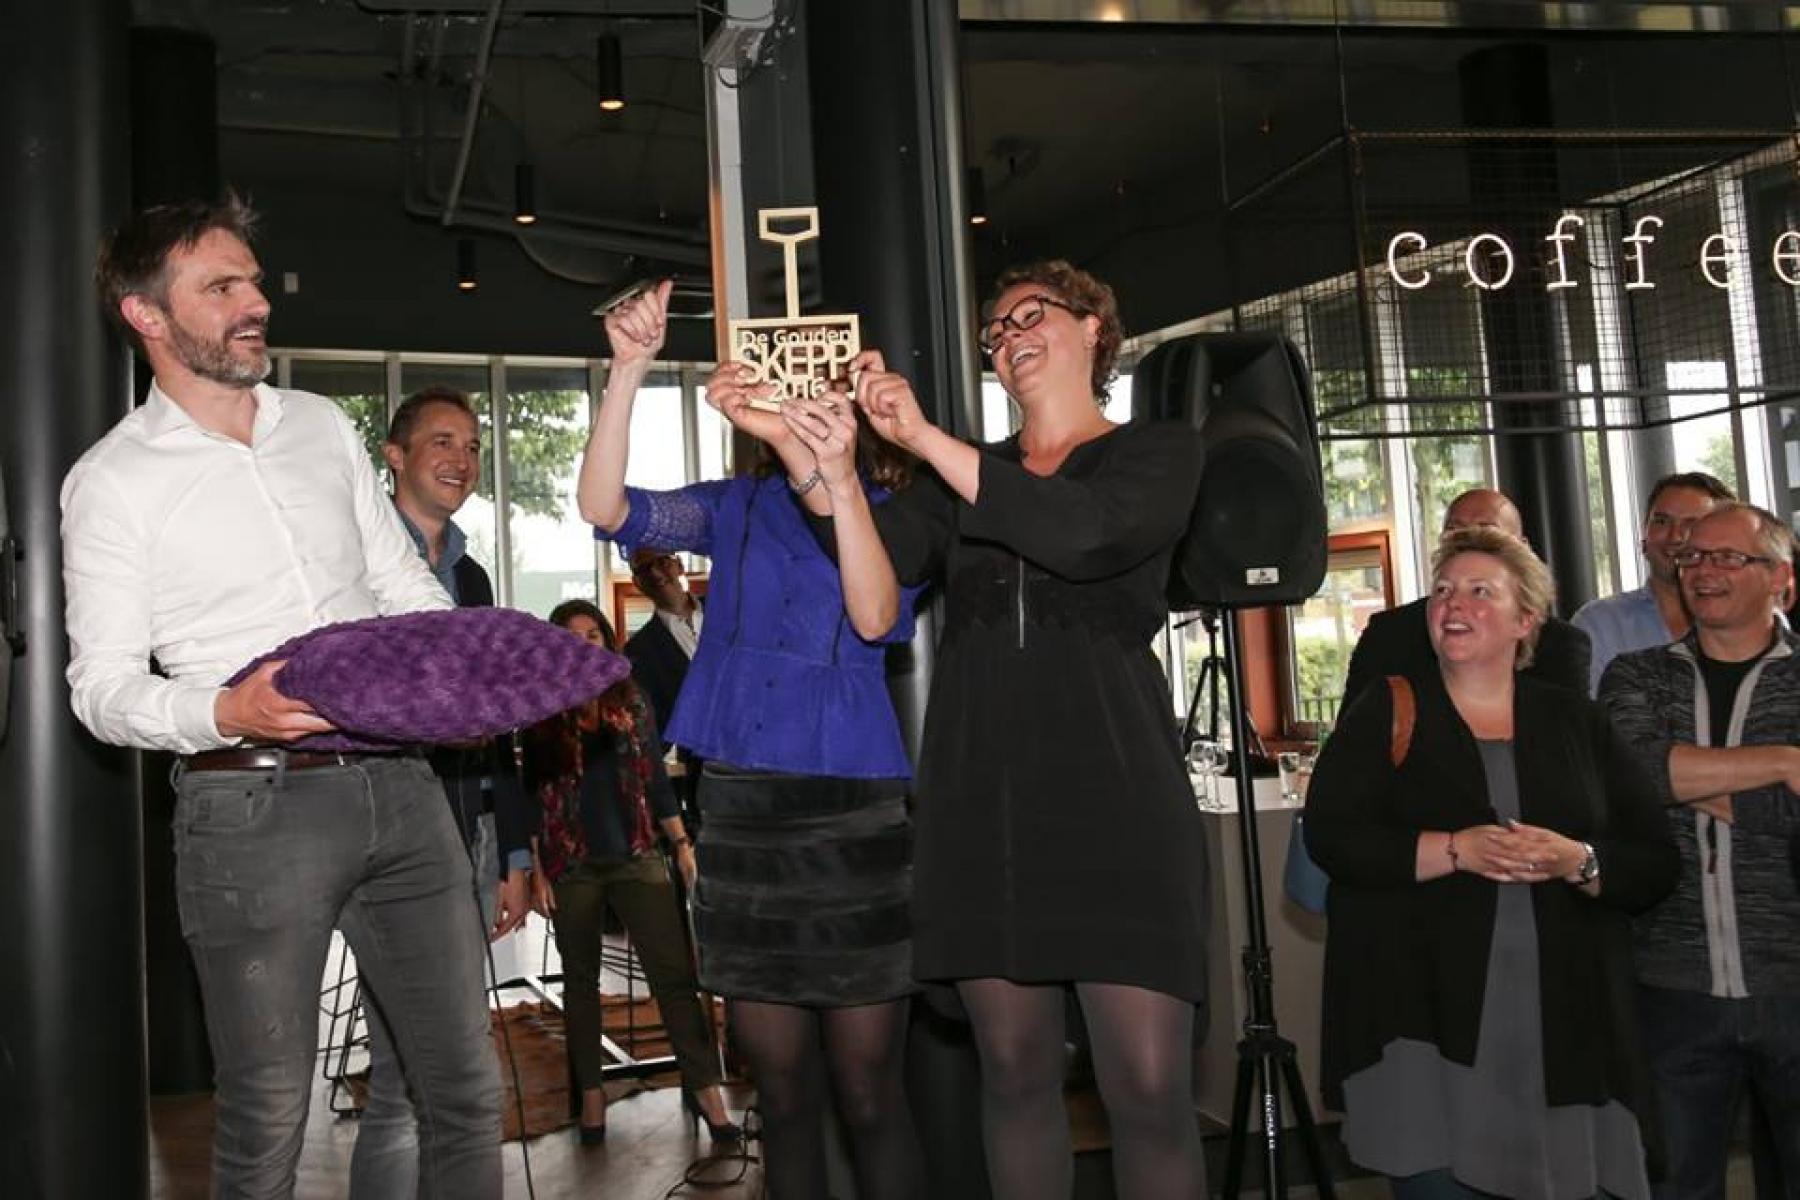 aimforthemoon winnaar de gouden skepp 2016 atoomclub amersfoort a1